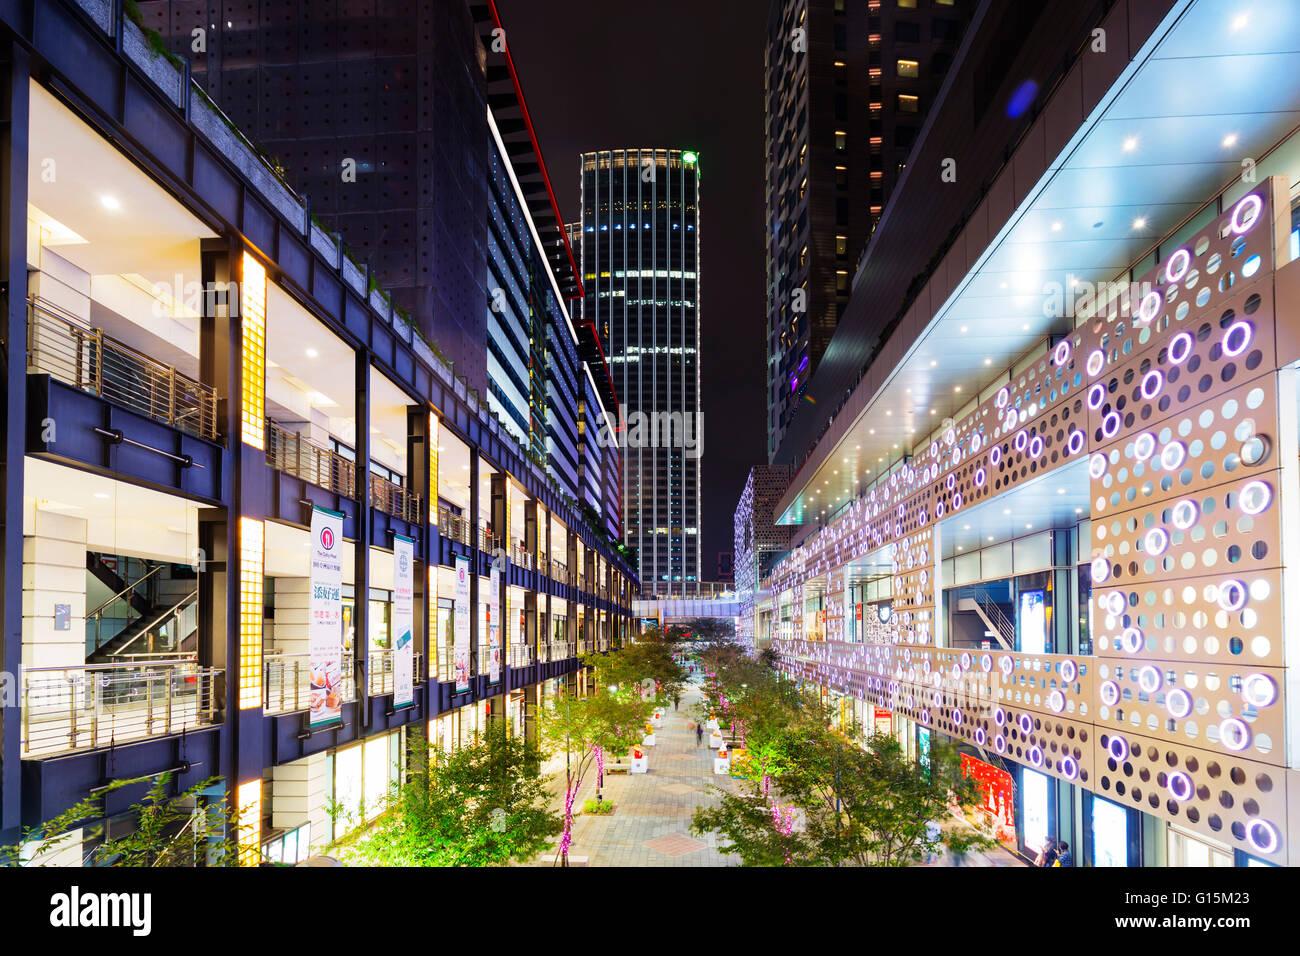 City center, Taipei, Taiwan, Asia - Stock Image